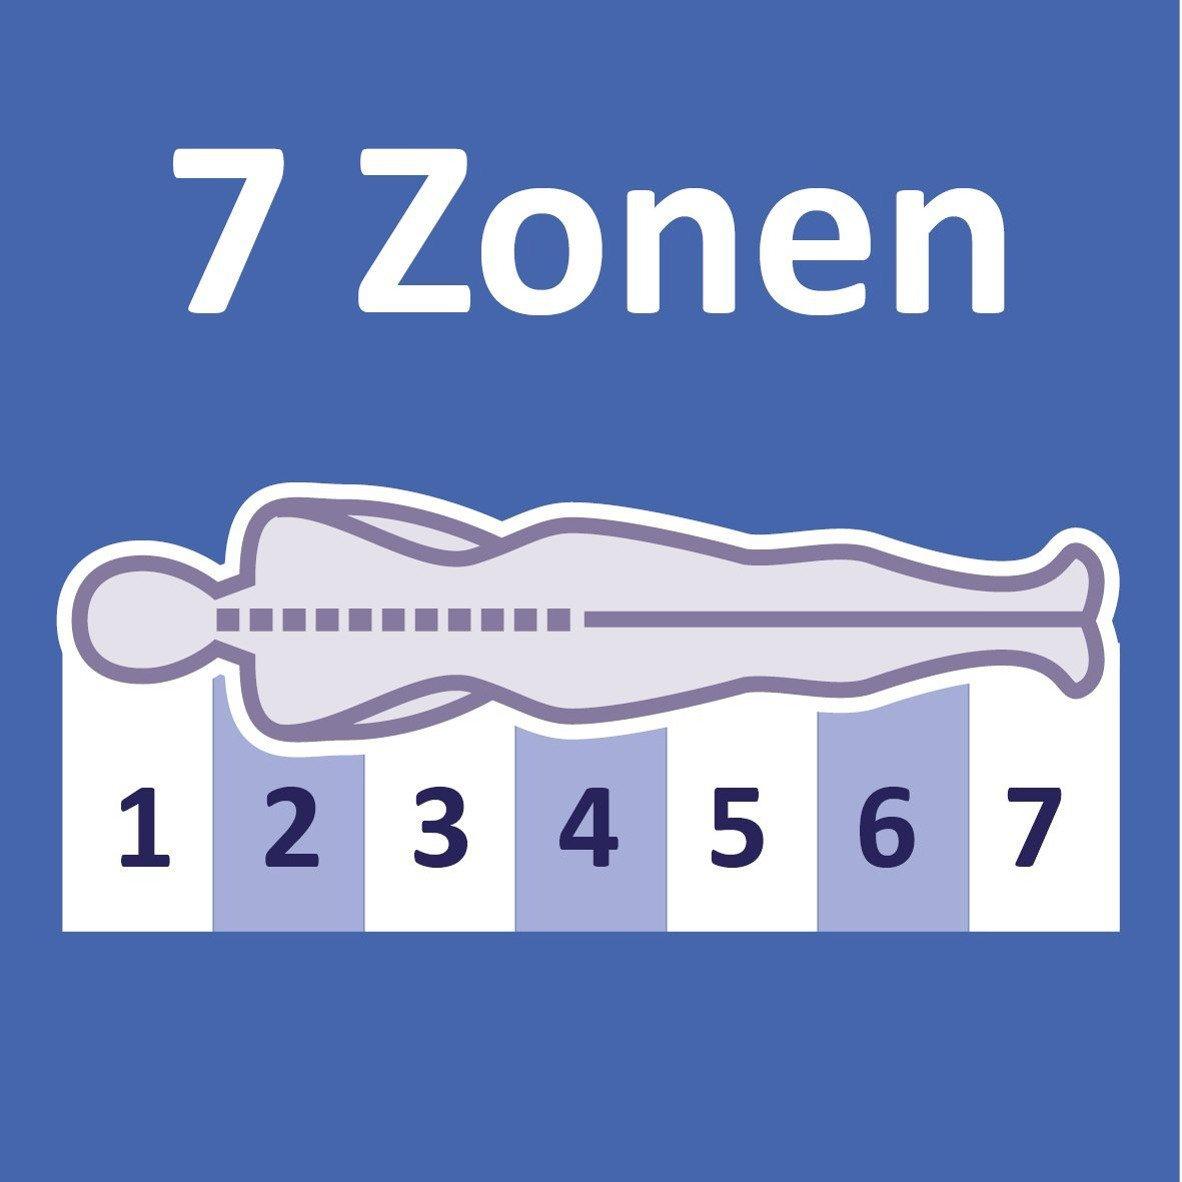 Traumnacht 4-Star Orthopädische-7-Zonen Gelschaummatratze, Härtegrad 3 (H3), 200 weiß x 200 cm, weiß 200 3603fe